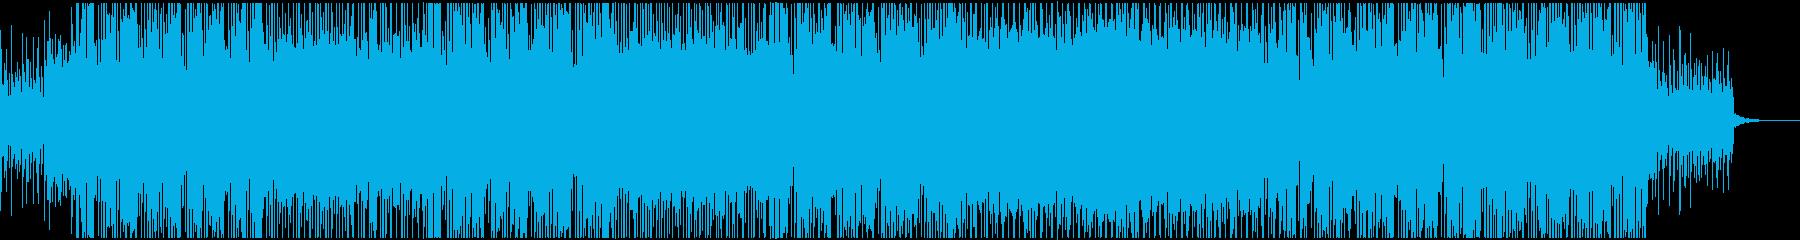 キュートな雰囲気の明るいポップロックの再生済みの波形